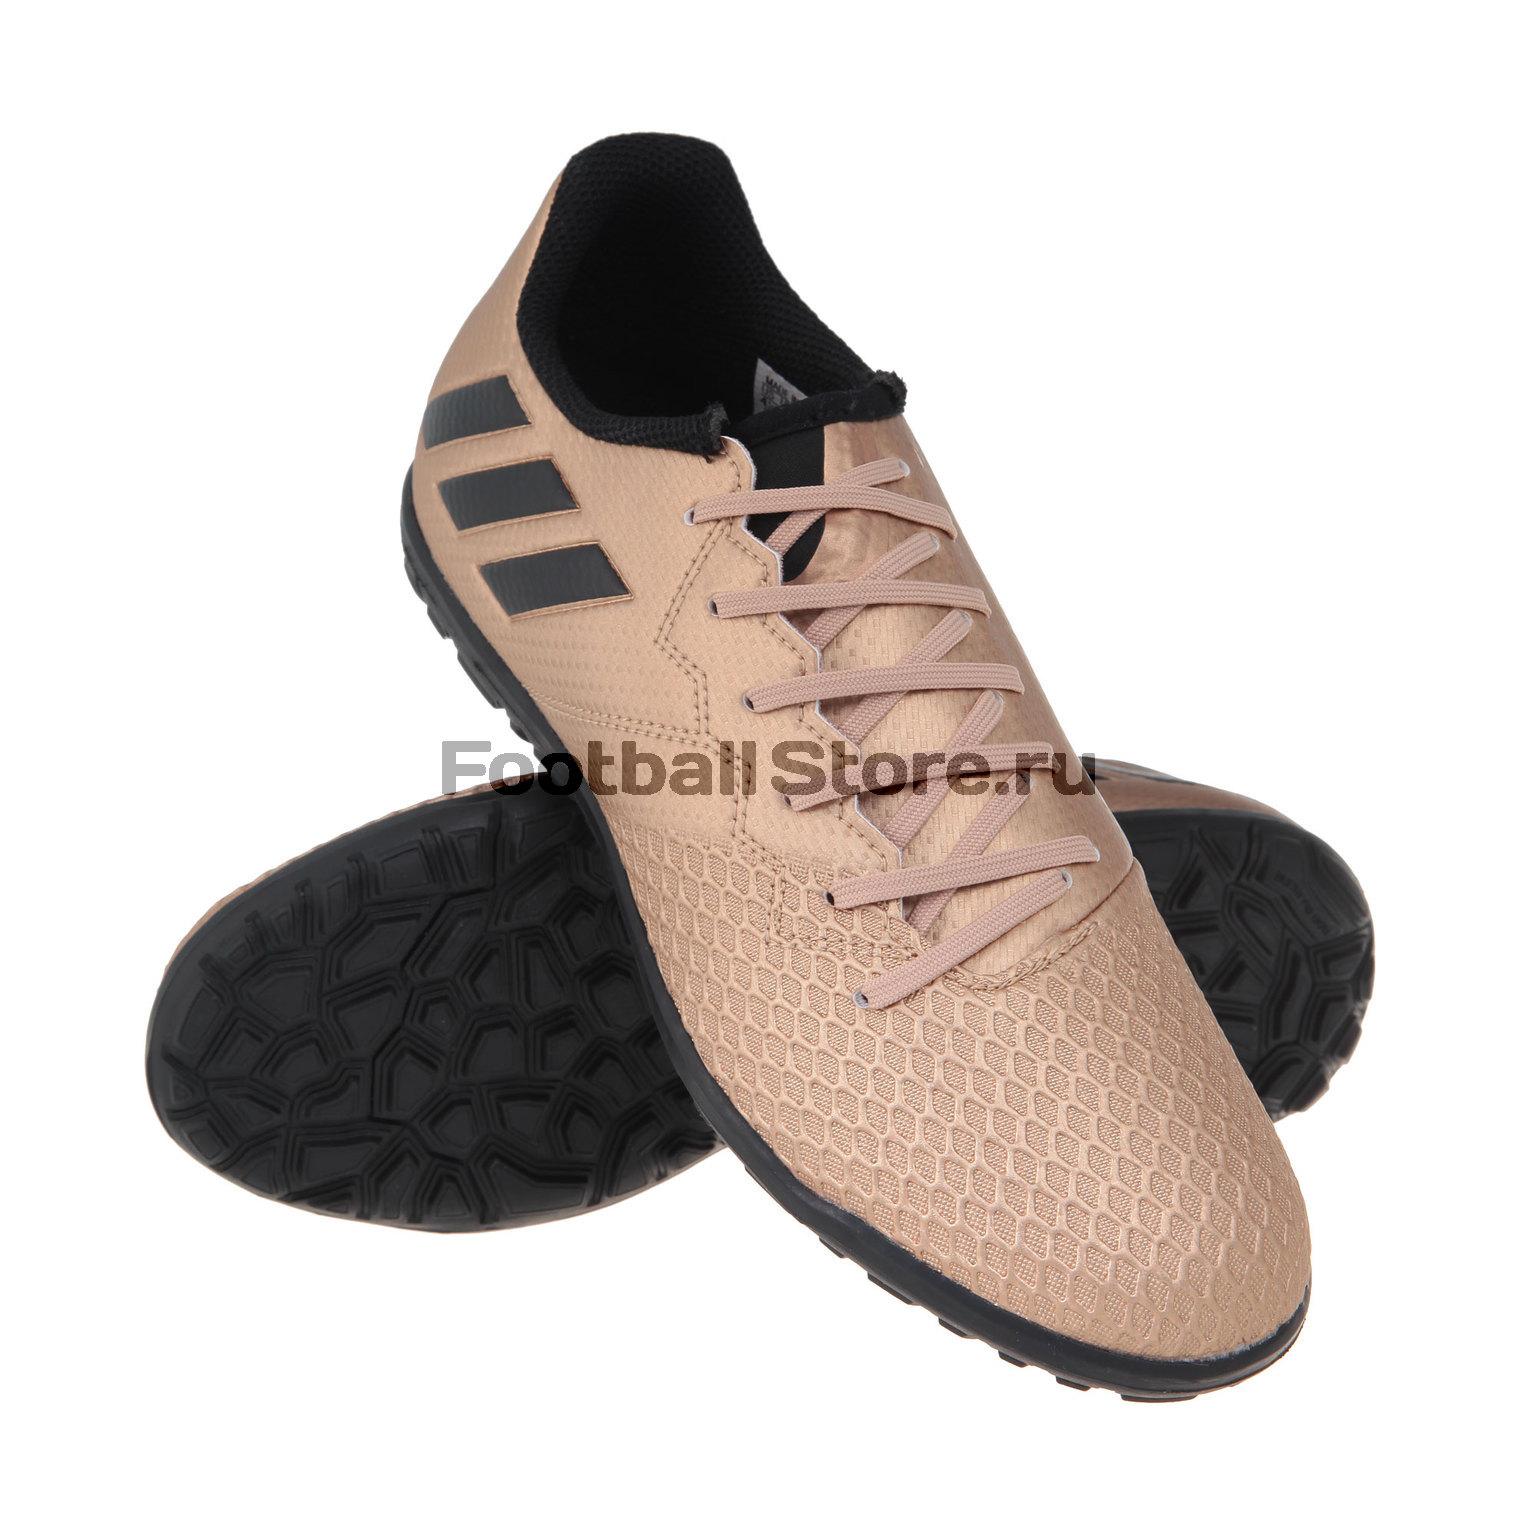 Бутсы Adidas Шиповки Adidas Messi 16.3 TF JR BA9859 adidas adidas messi 15 3 jr af4665